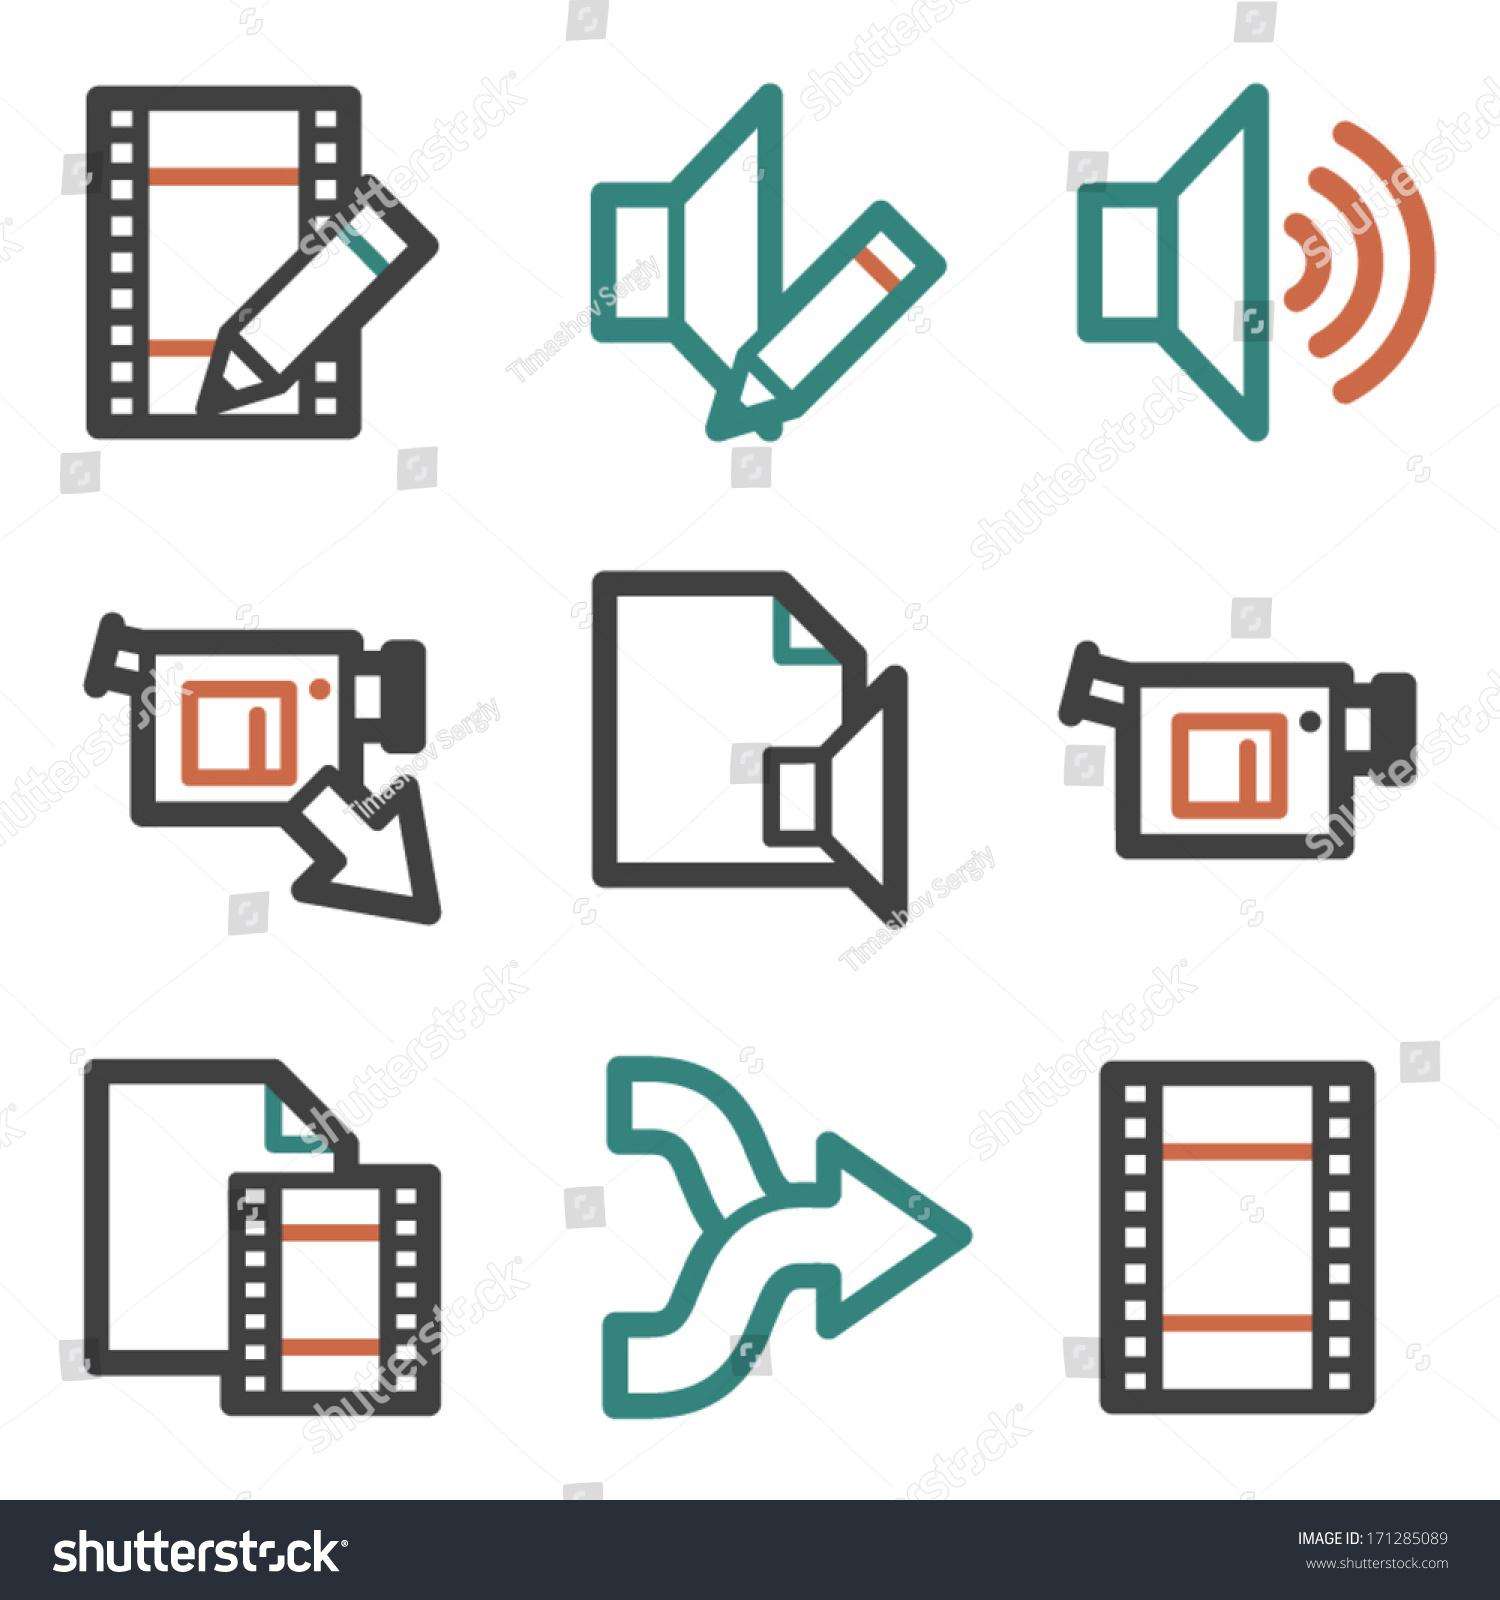 Audio video edit web icons contour stock vector 171285089 audio video edit web icons contour series ccuart Images